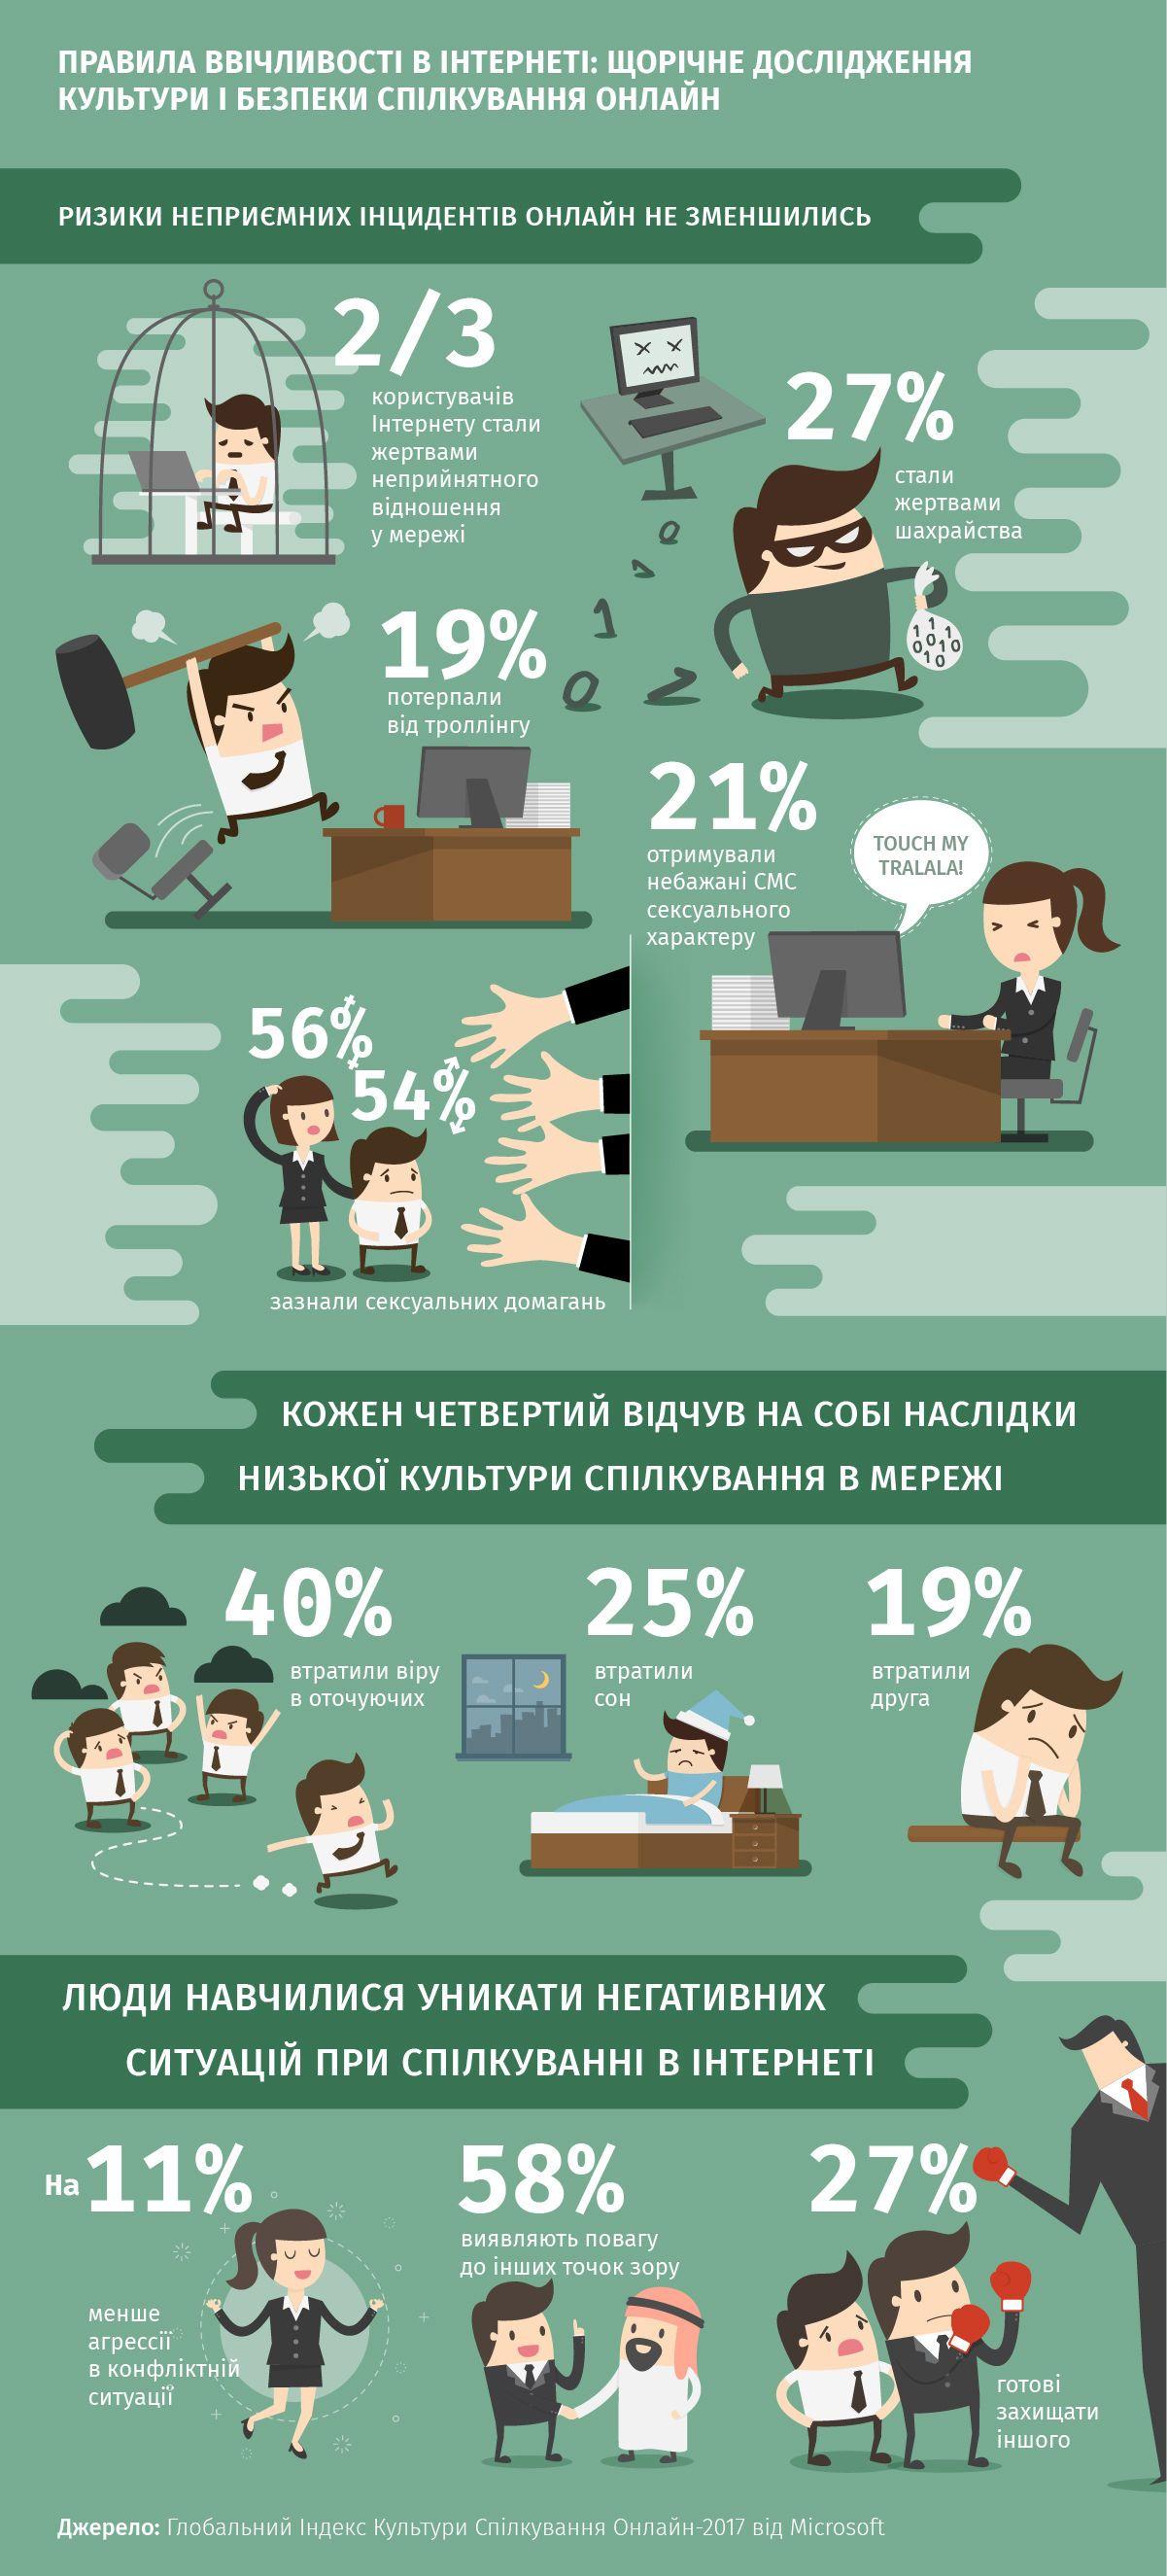 правила ввічливості в інтернеті